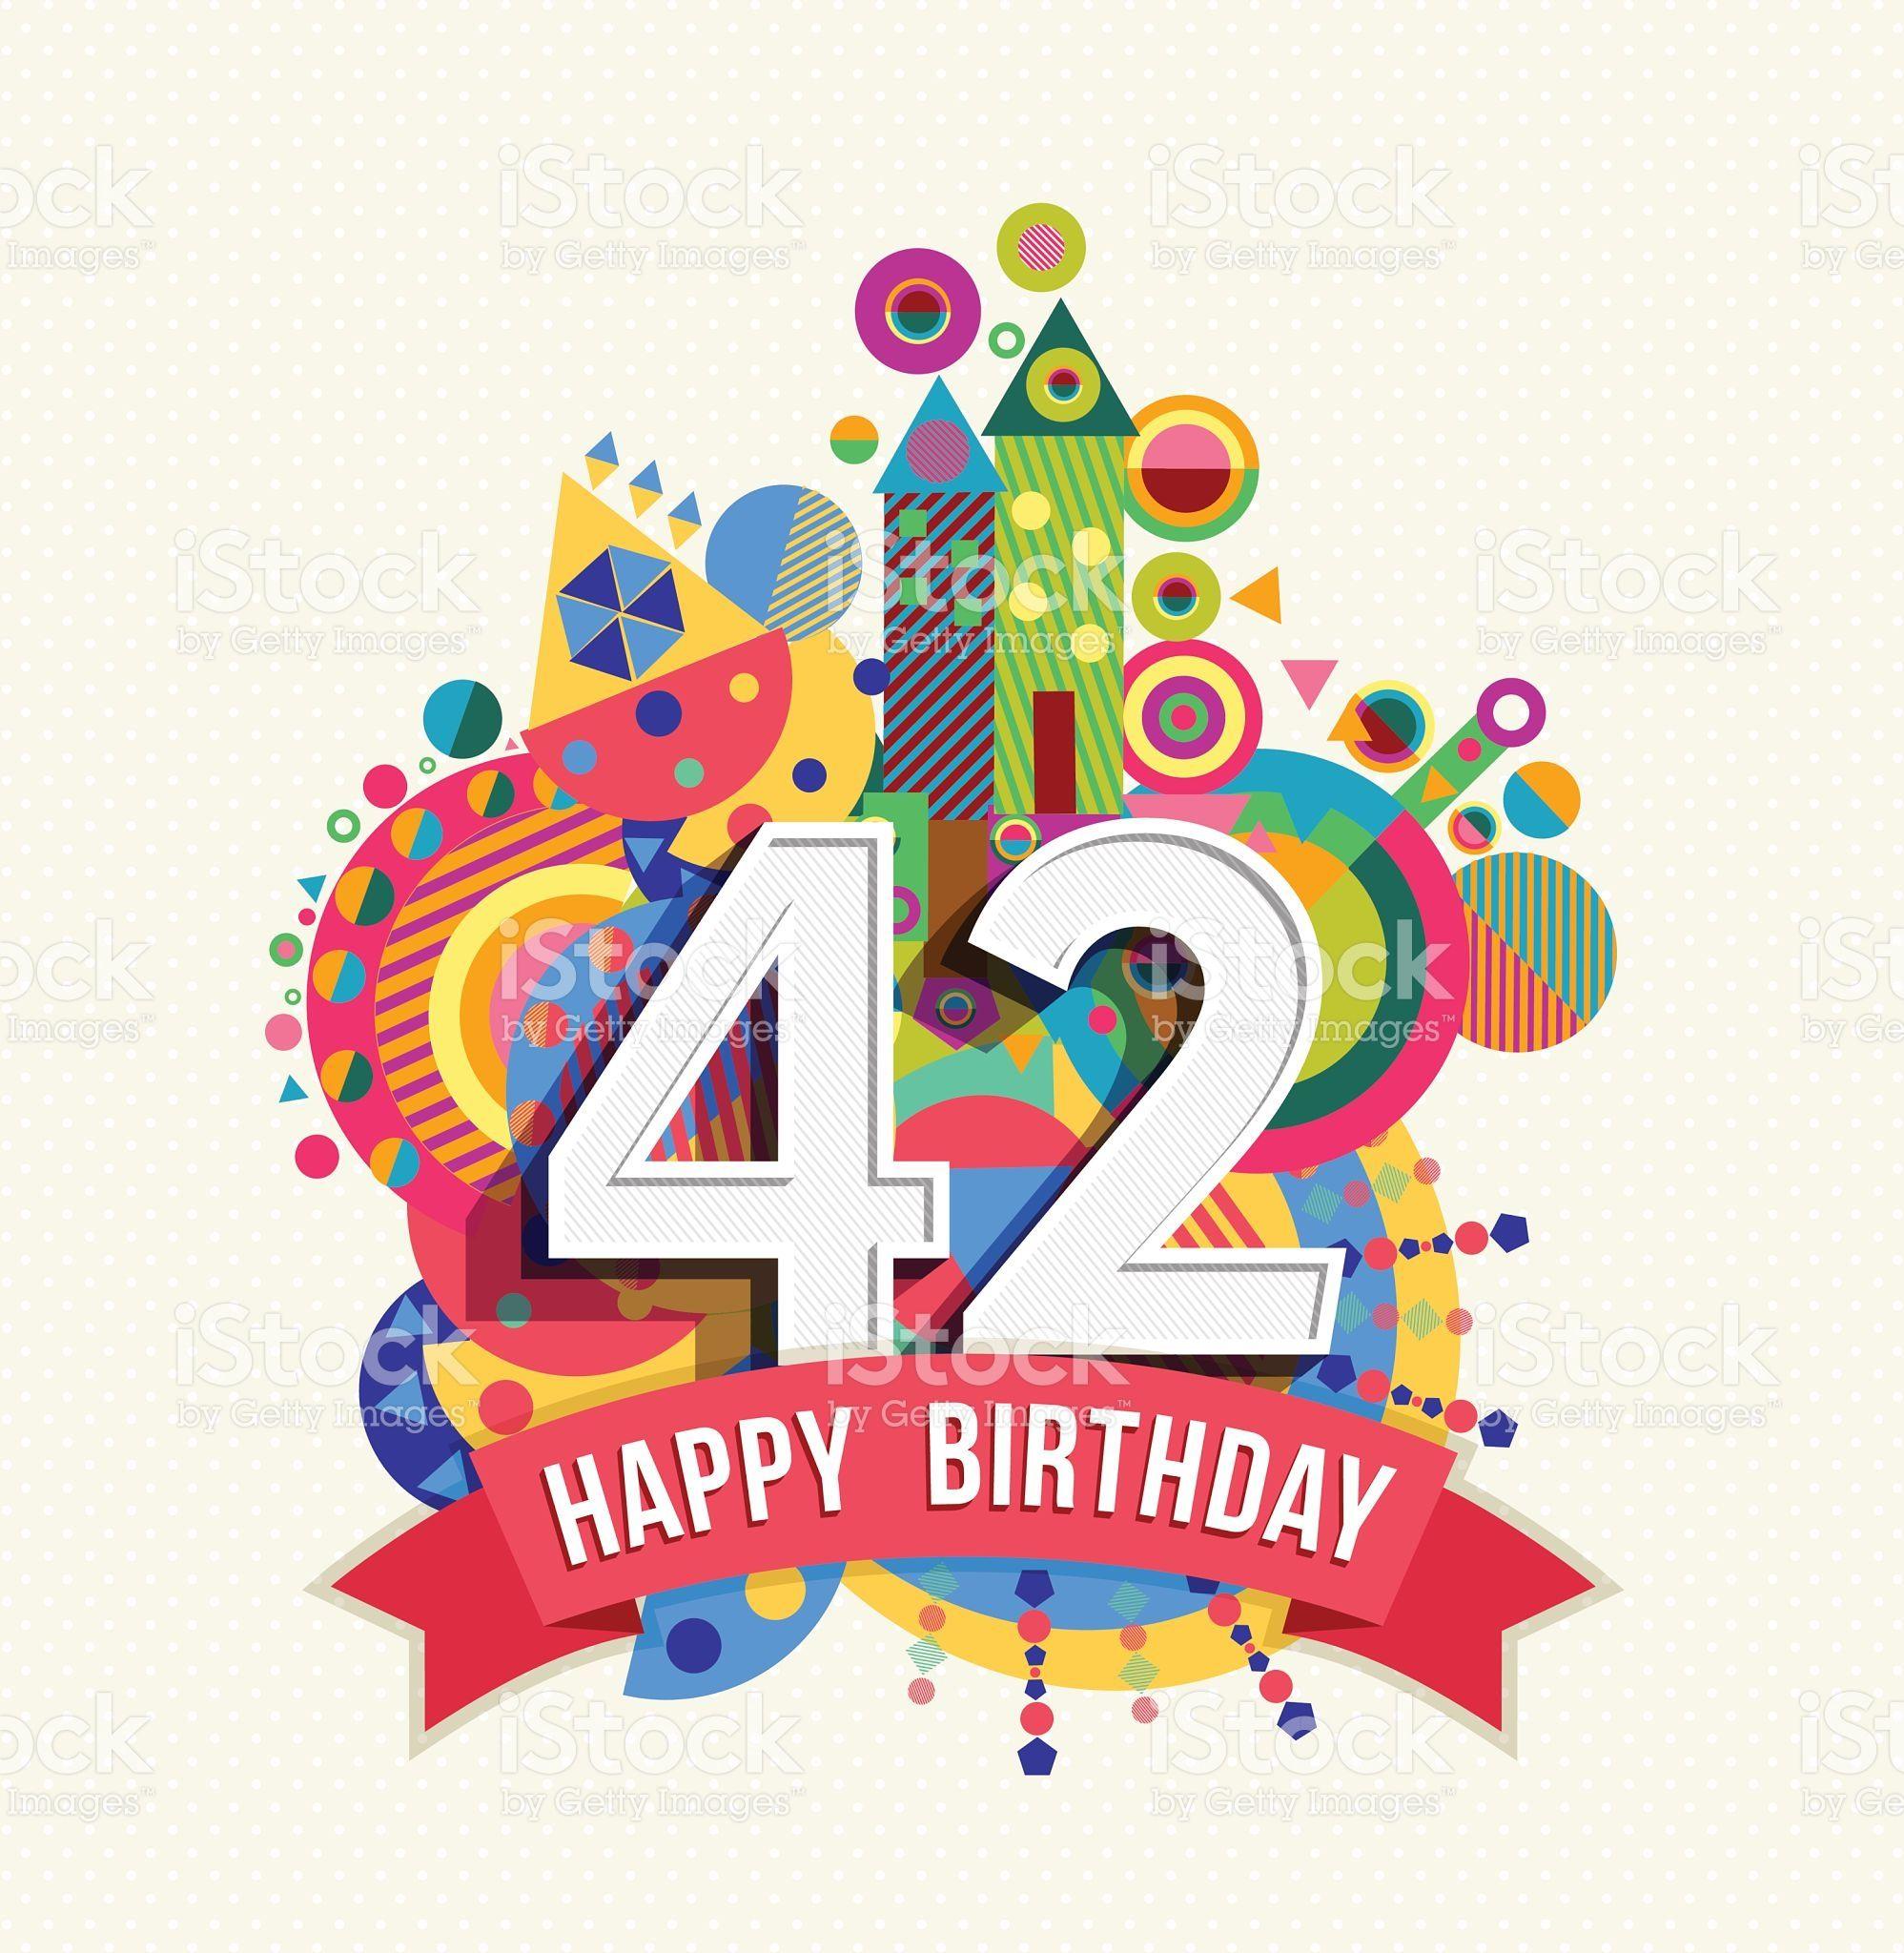 Feliz cumpleaños de 42 años tarjeta de felicitación con dosel de Color illustracion libre de derechos libre de derechos